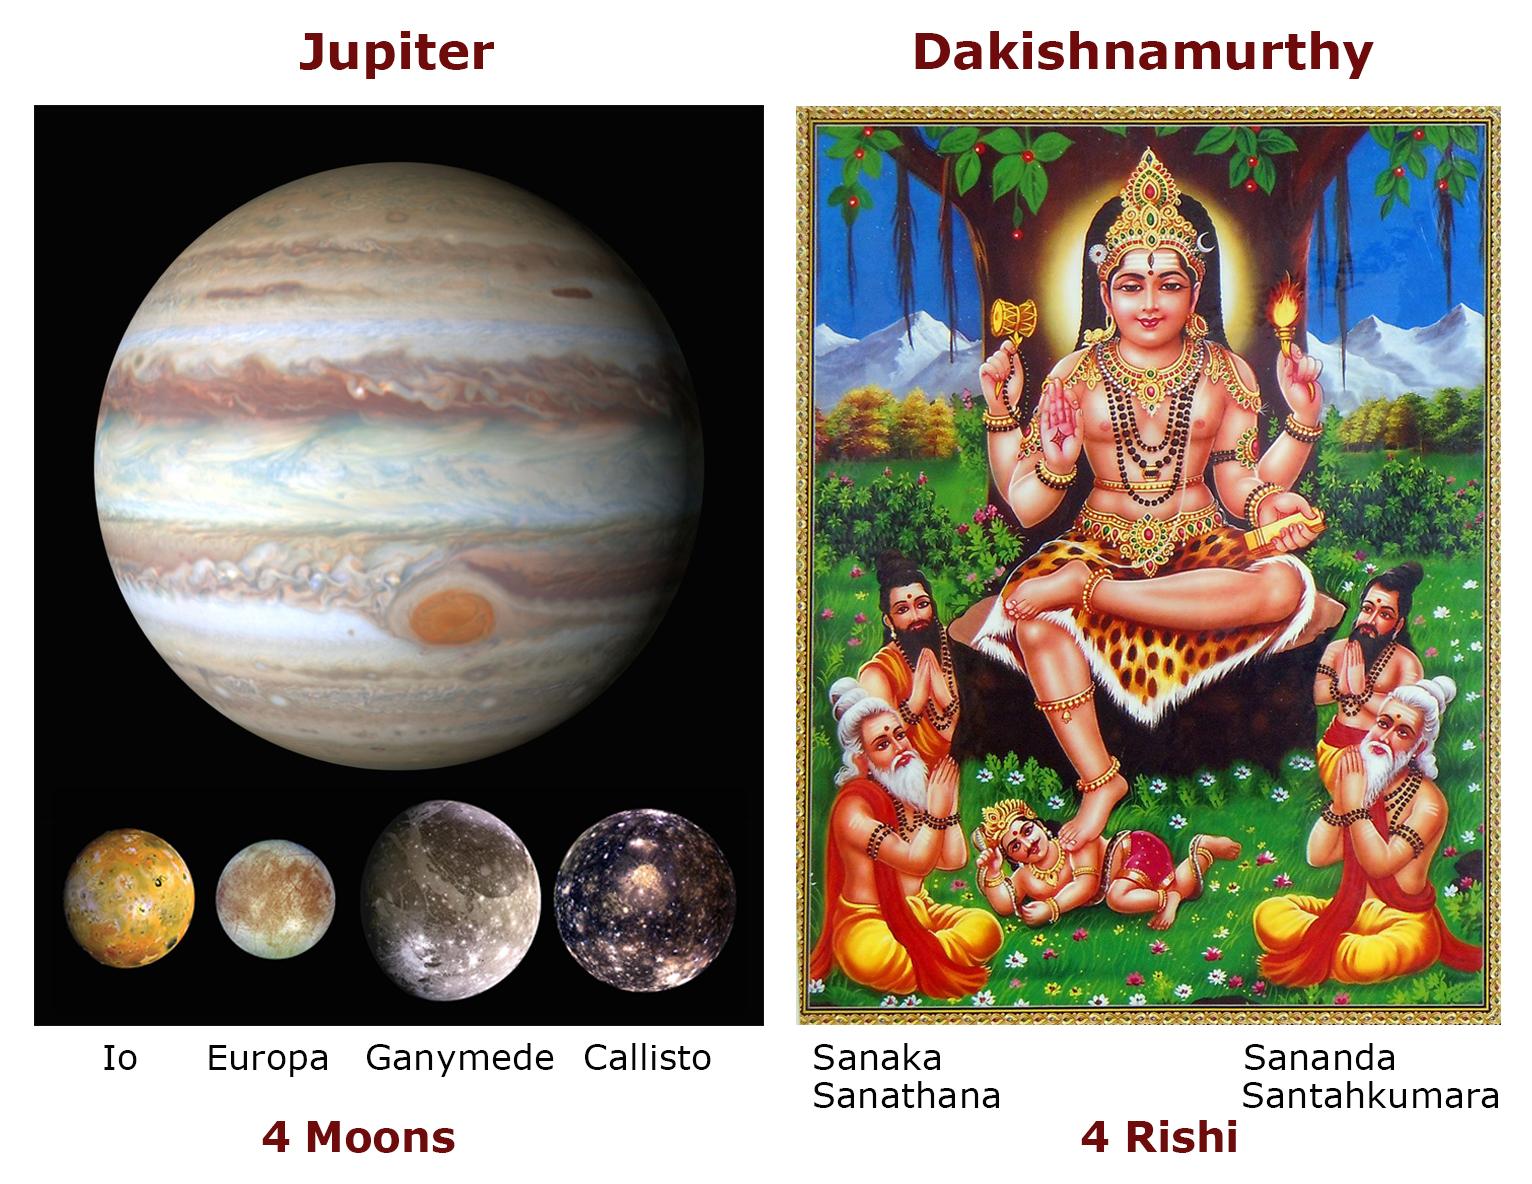 Jupiter and Dakishnamurty (3)